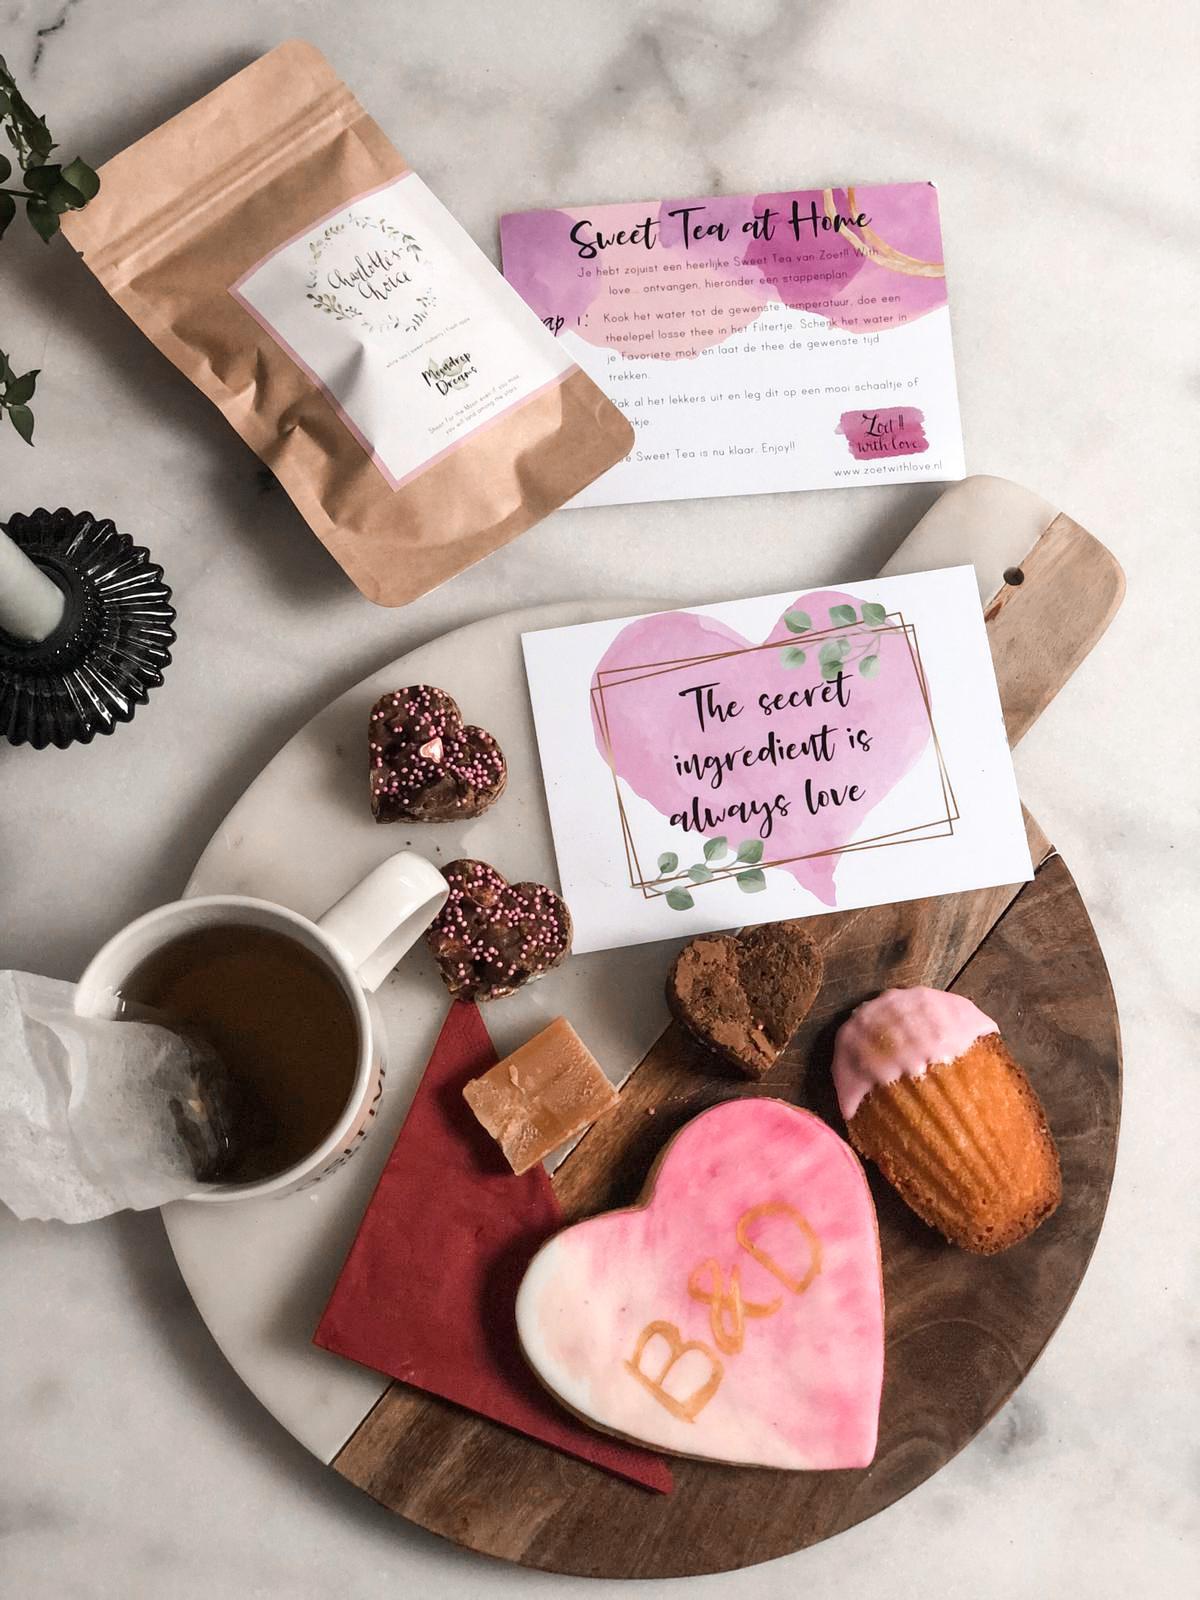 sweet tea valetijn boven